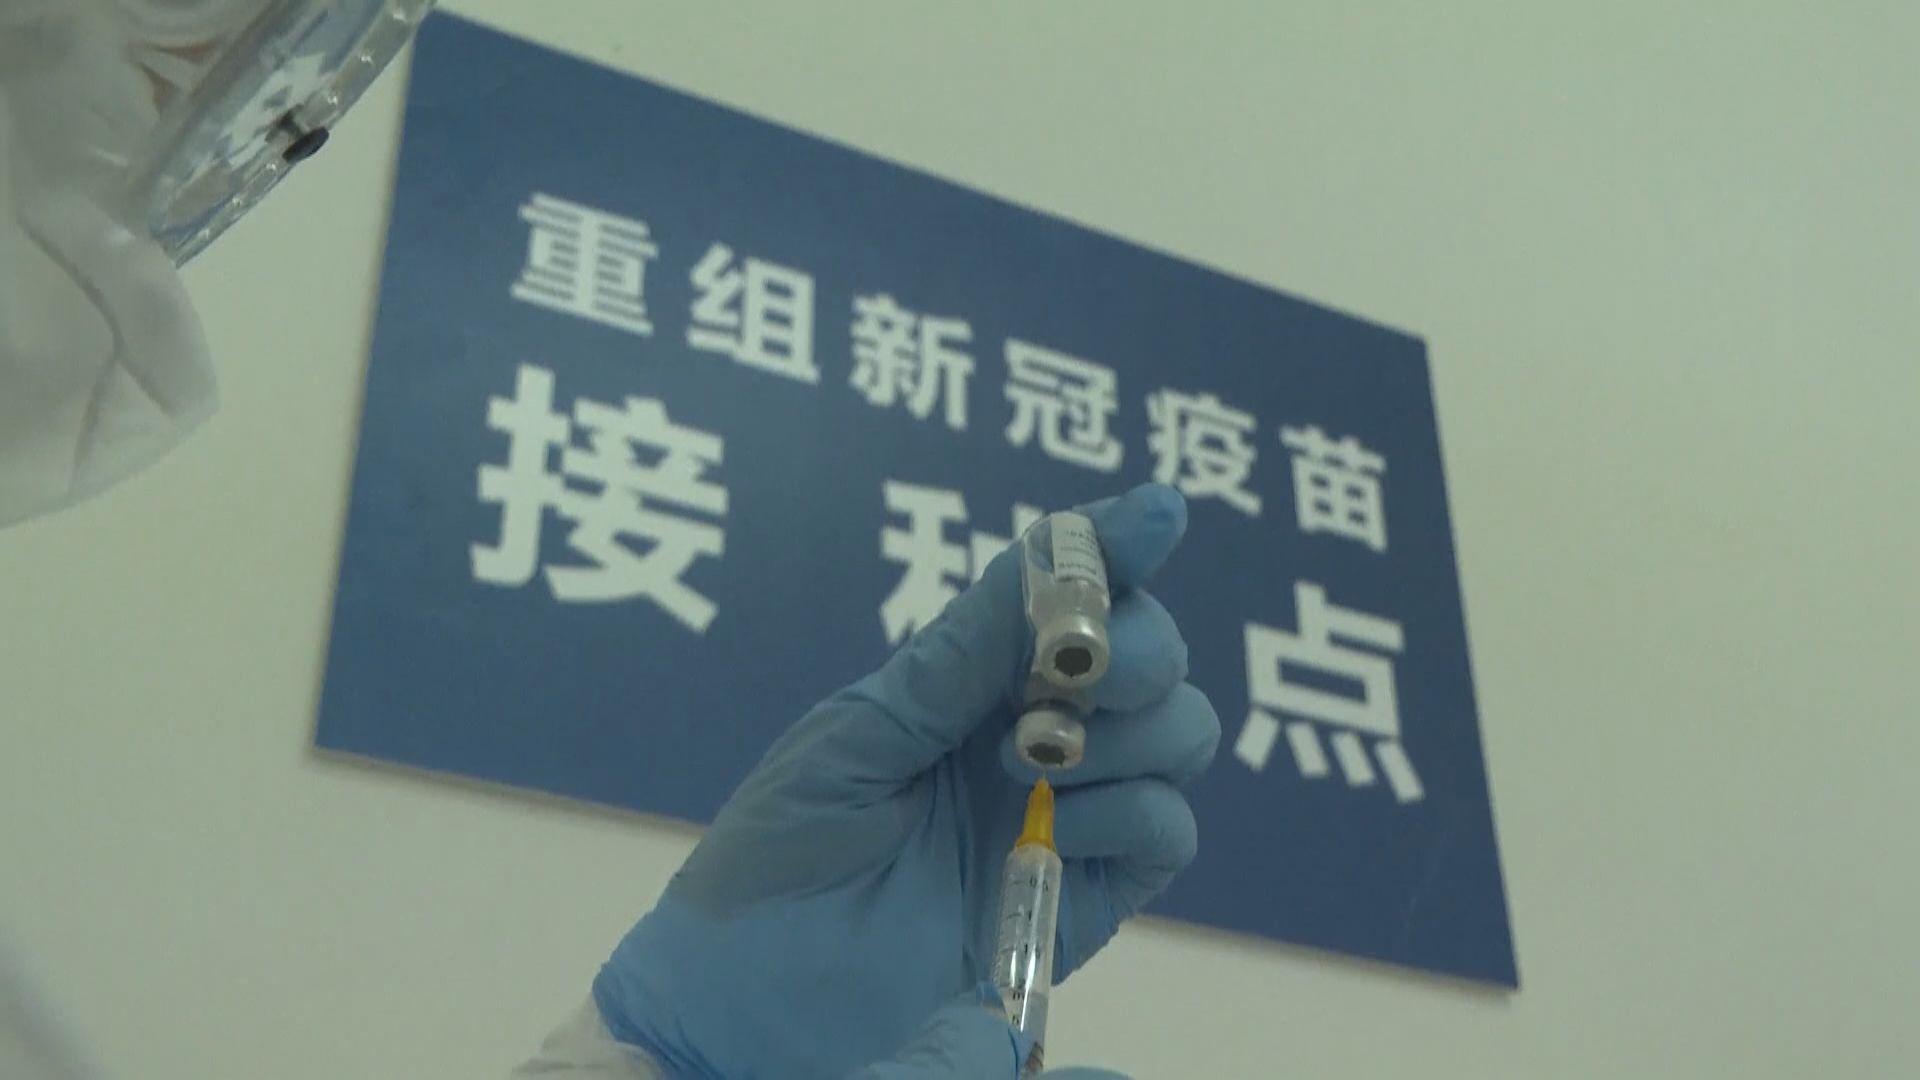 世衛或參與評核中國研製新冠疫苗